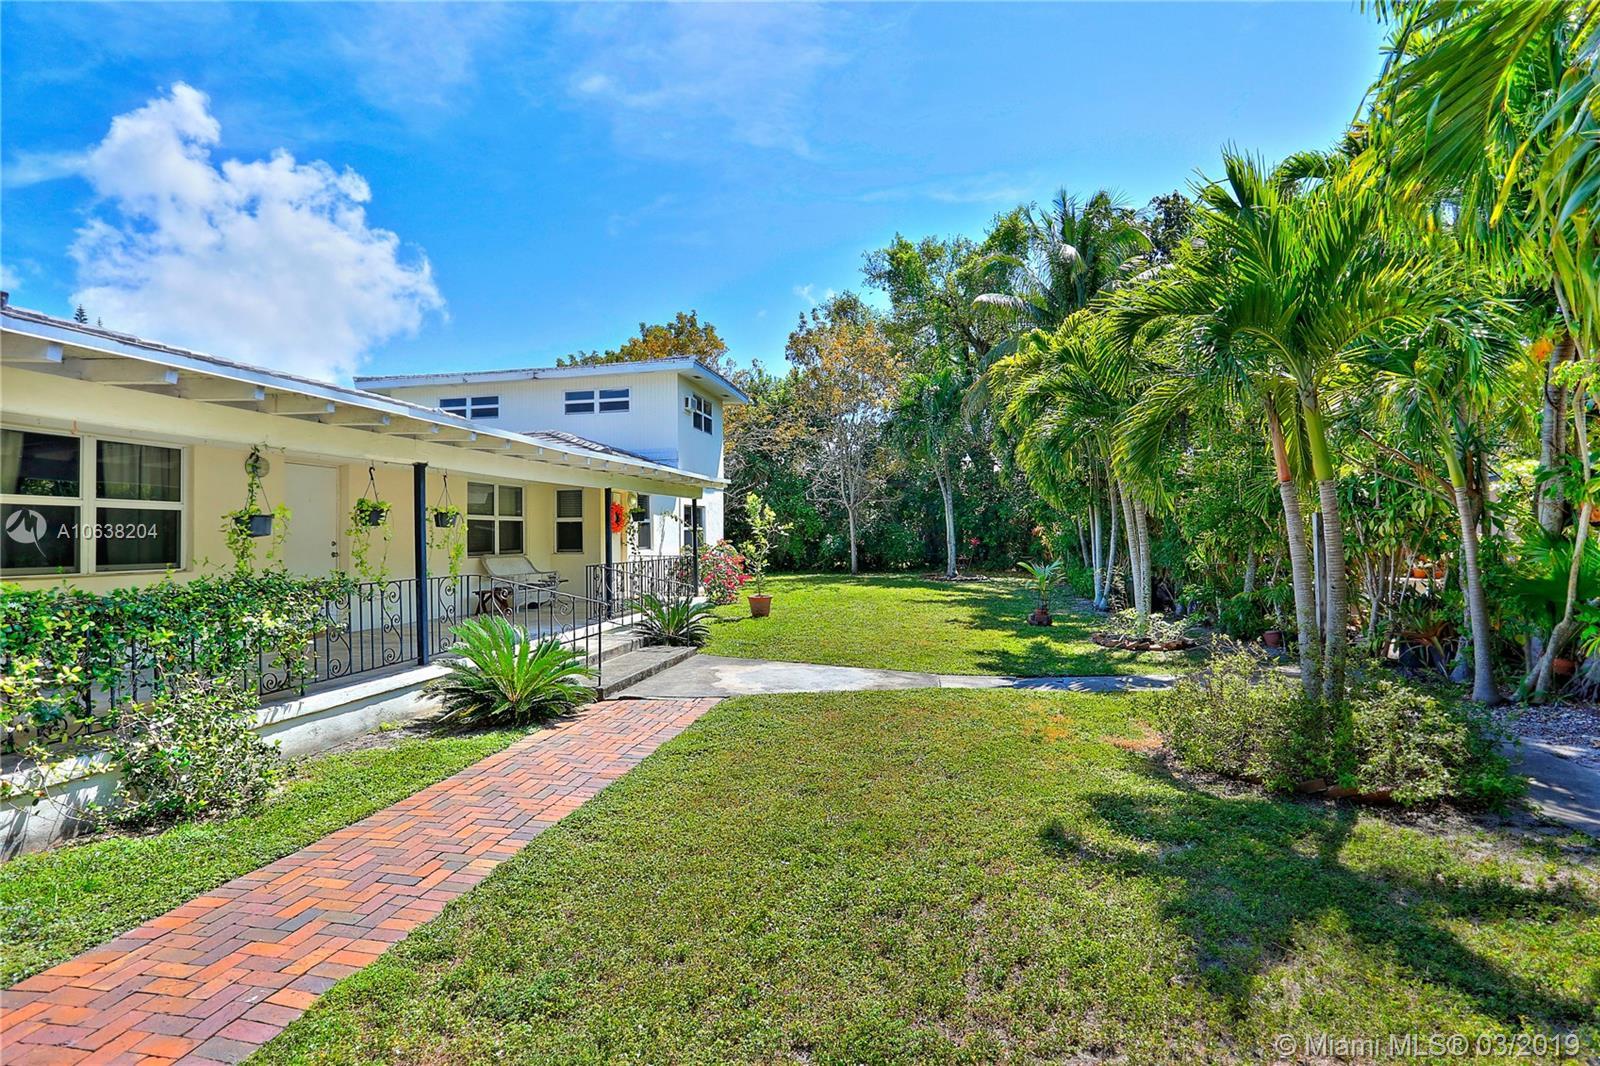 1016 NE 113th St, Biscayne Park, FL 33161 - Biscayne Park, FL real estate listing